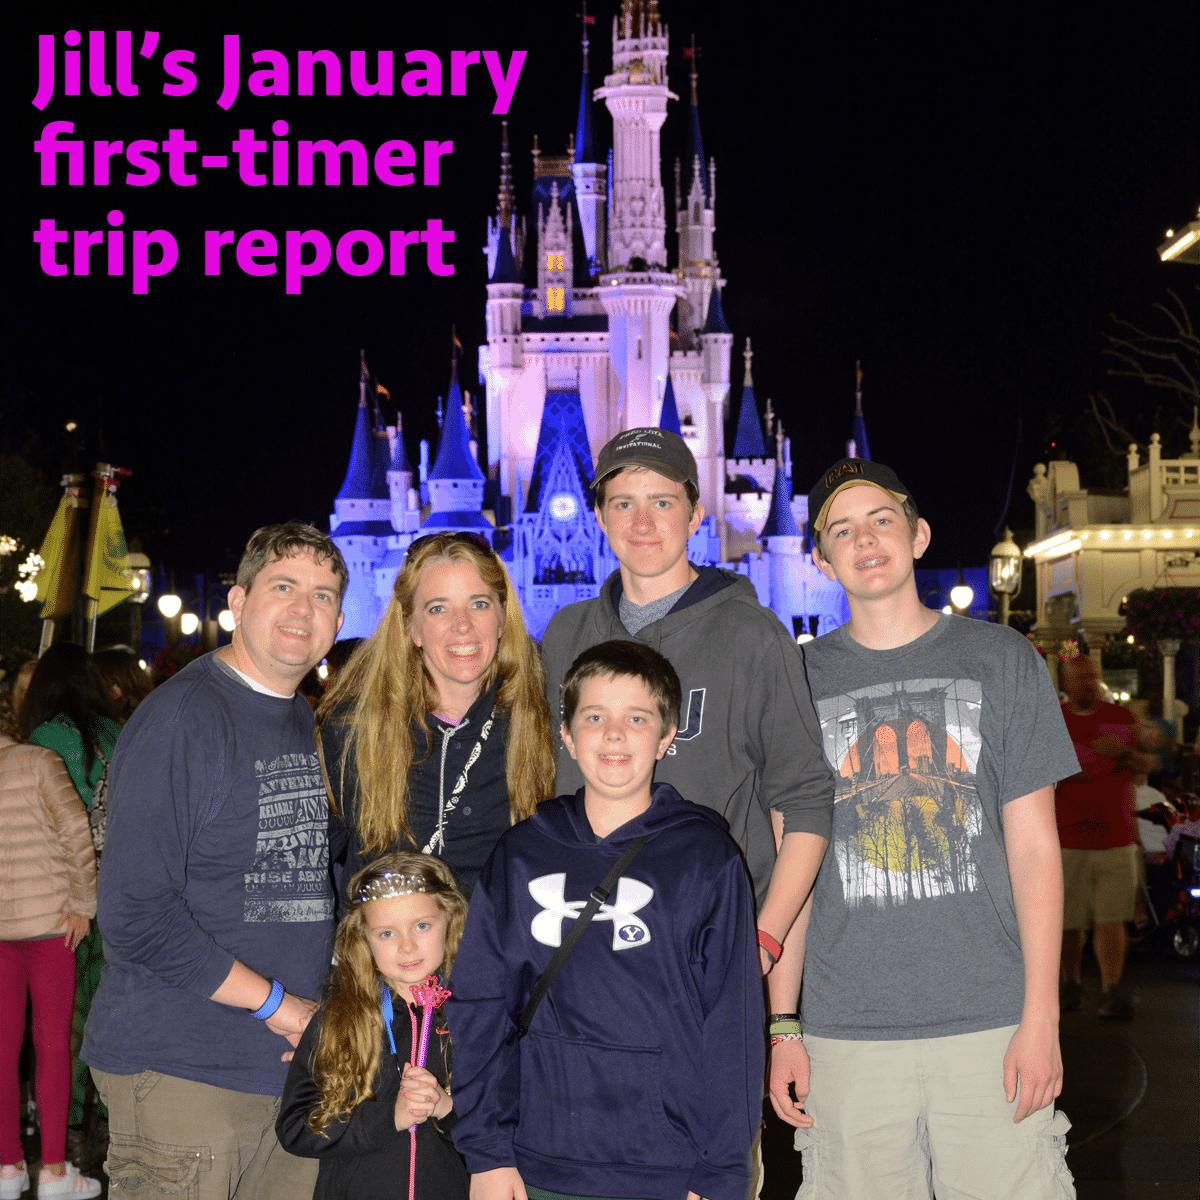 Jill's January first-timer trip report | WDW Prep School